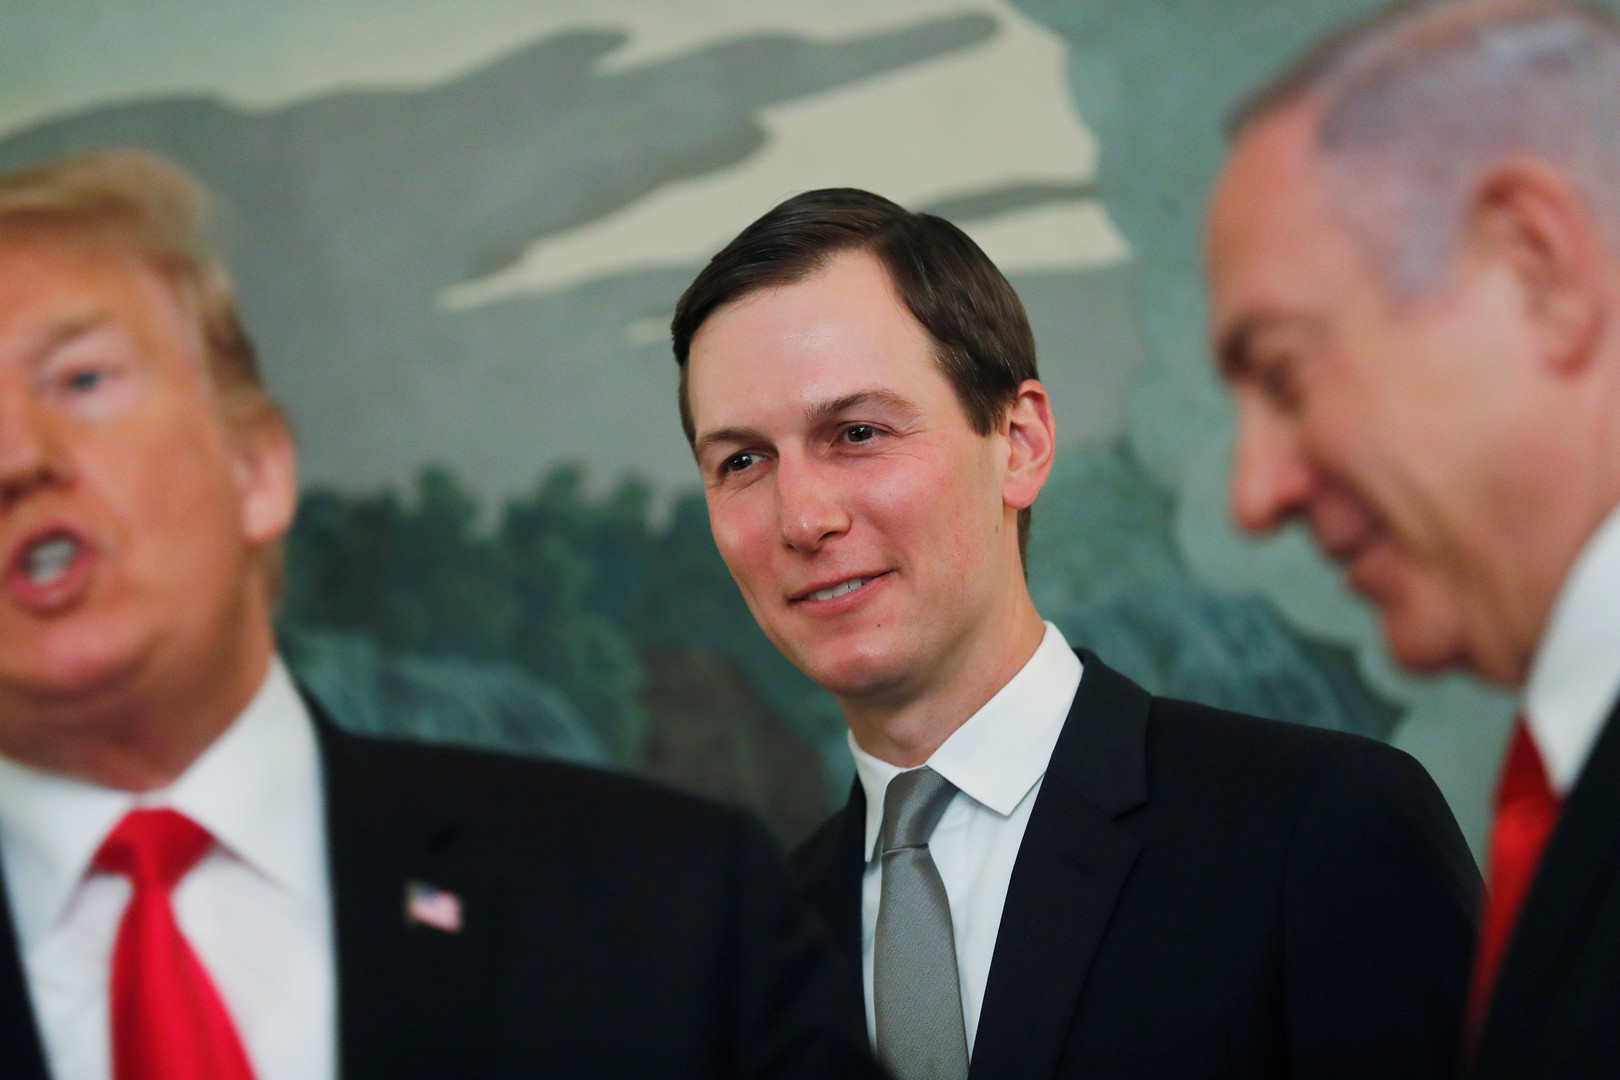 كوشنر: أمن إسرائيل أولوية كبرى في خطة ترامب للسلام